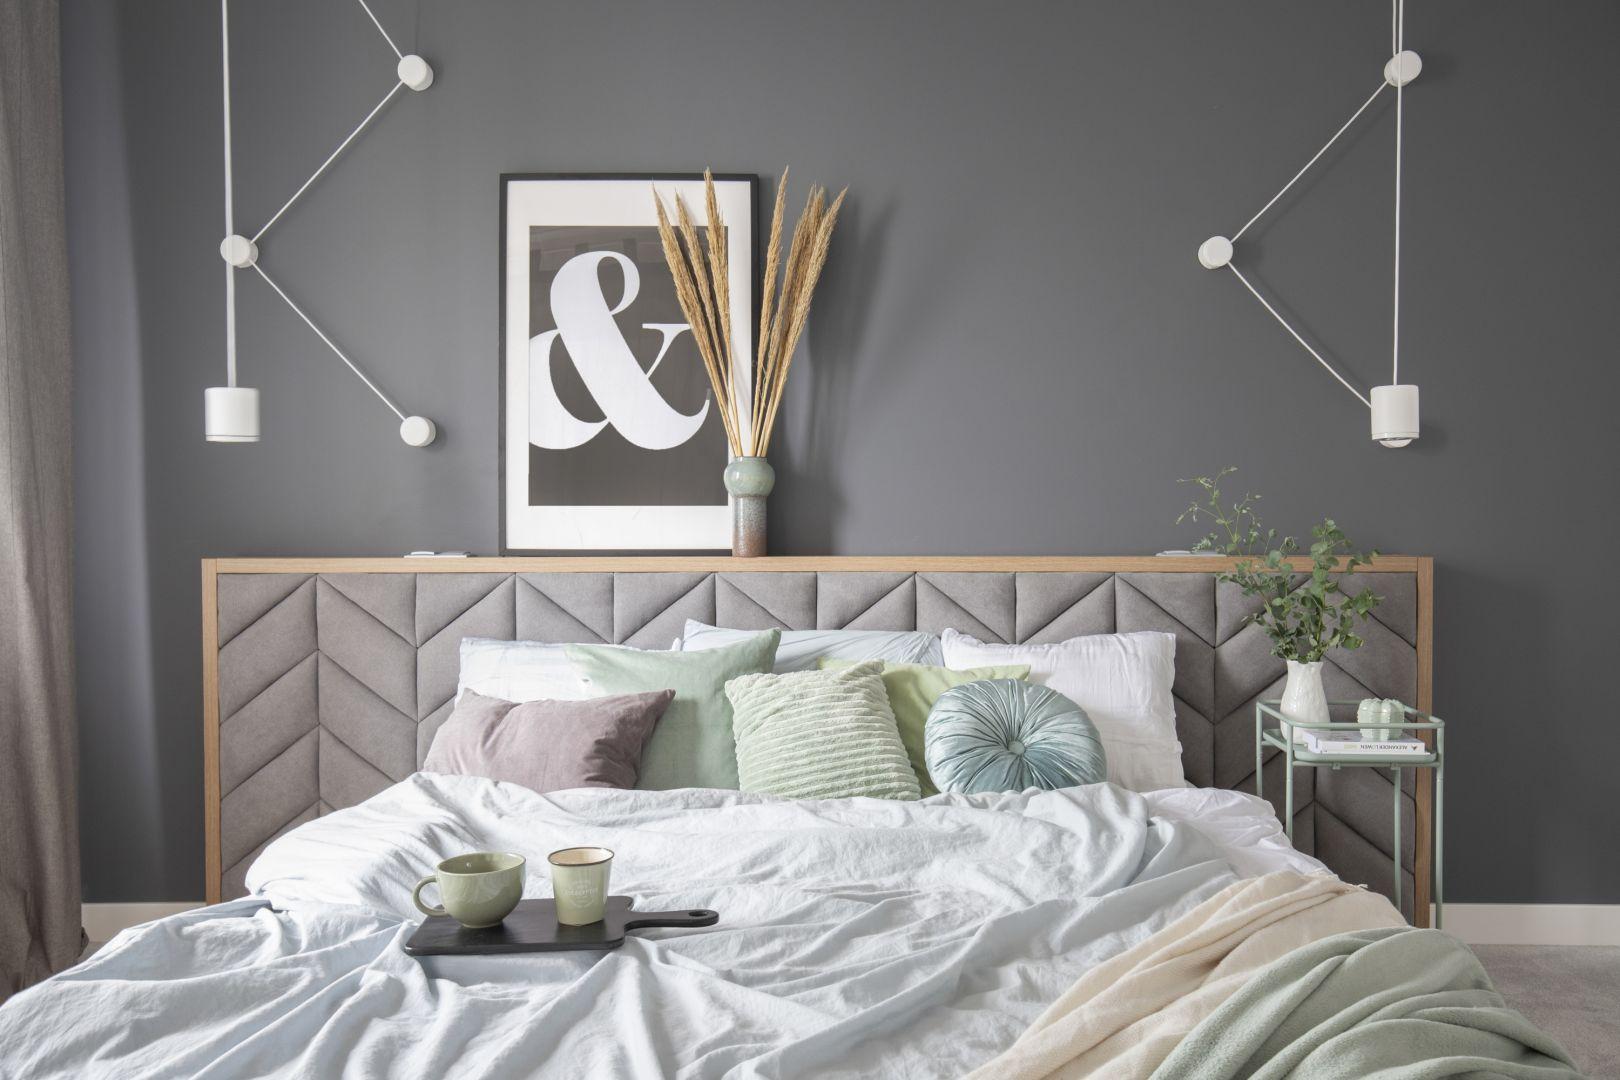 Szara sypialnia - pomysł na aranżację wnętrza. Projekt: Zu Projektuje. Fot. Pion Poziom